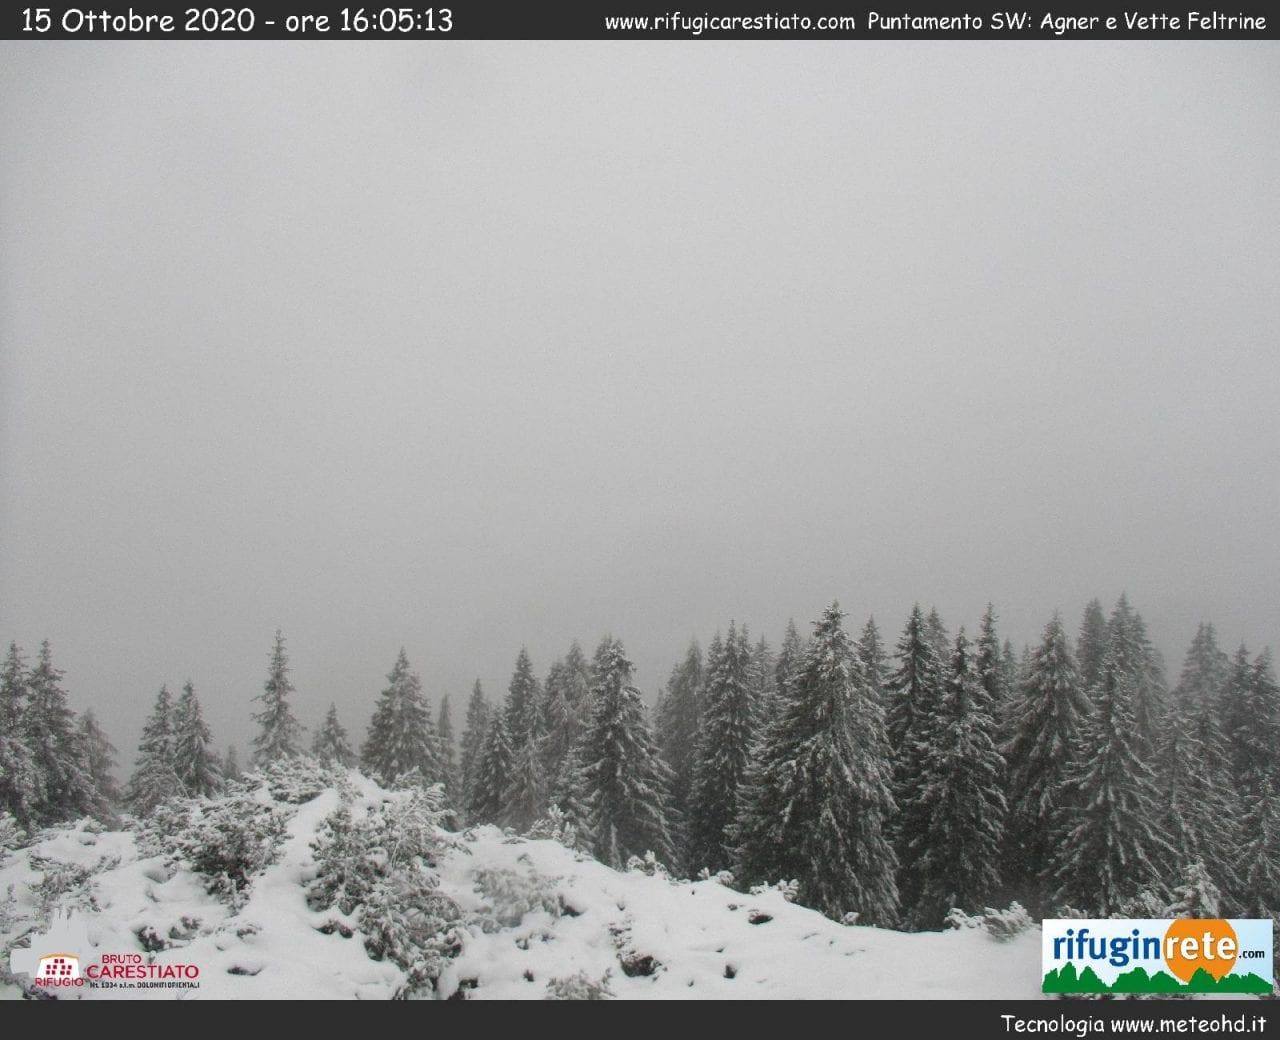 1a09f651 cfc1 4b37 9717 7c9356e0b4ed - Veneto, abbondanti nevicate tra le Alpi e le Prealpi: galleria fotografica